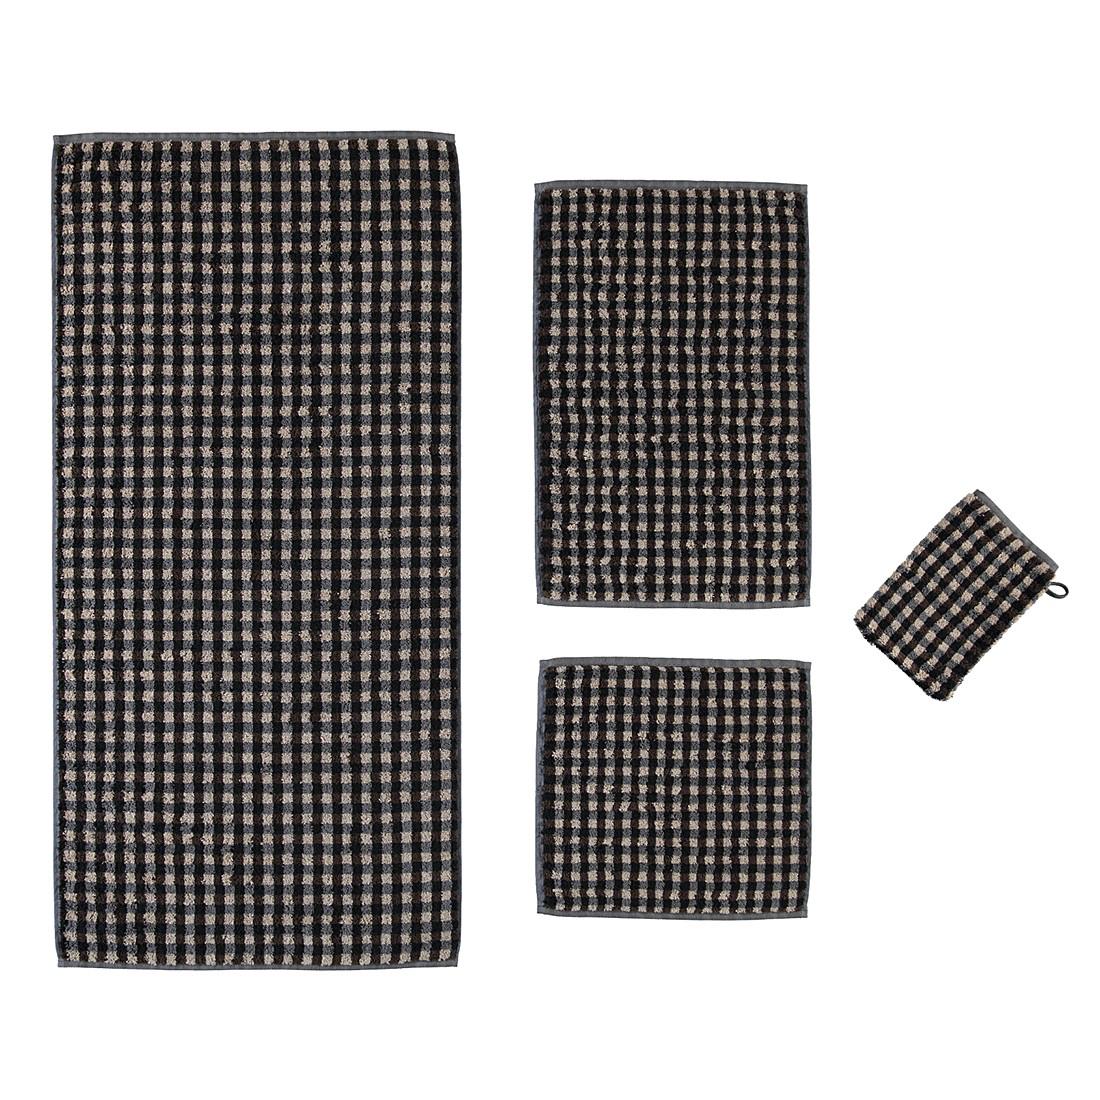 Handtücher Puro Allover 531 – Baumwolle – Marone – Waschhandschuh 16×22 cm, Cawö günstig online kaufen